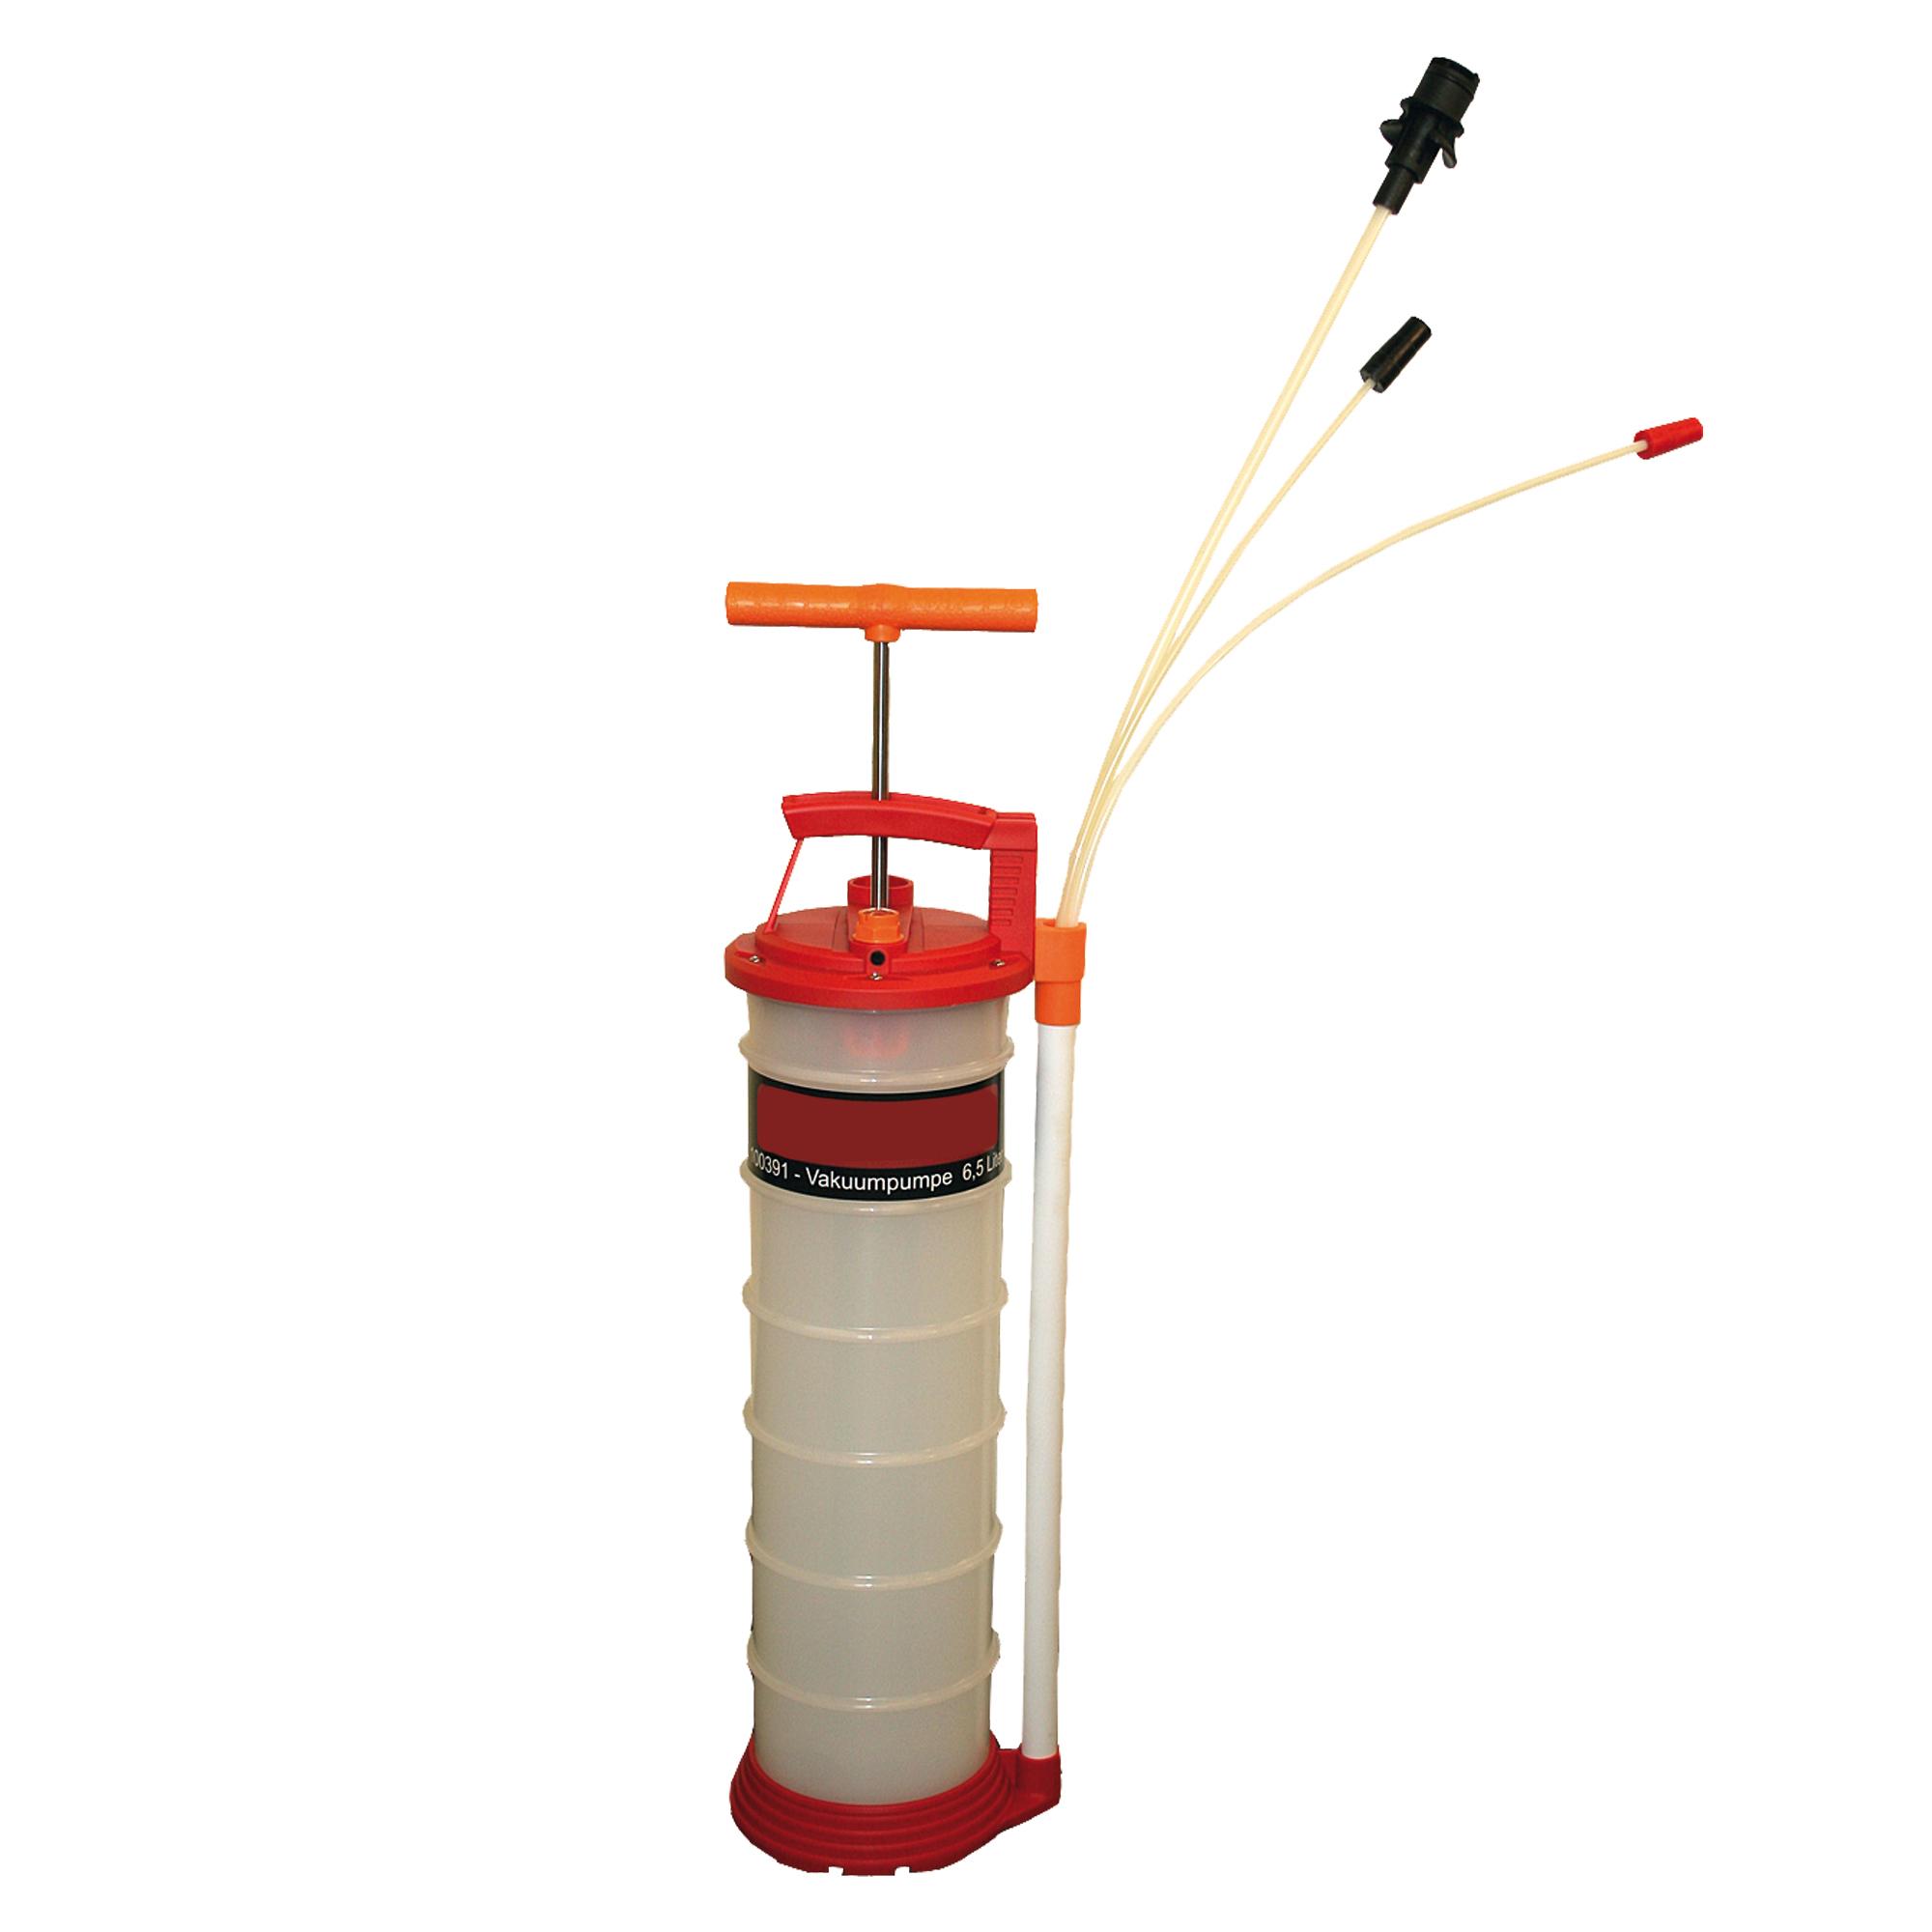 """Vakuumpumpe """"Schlürf"""", 6,5 Liter"""